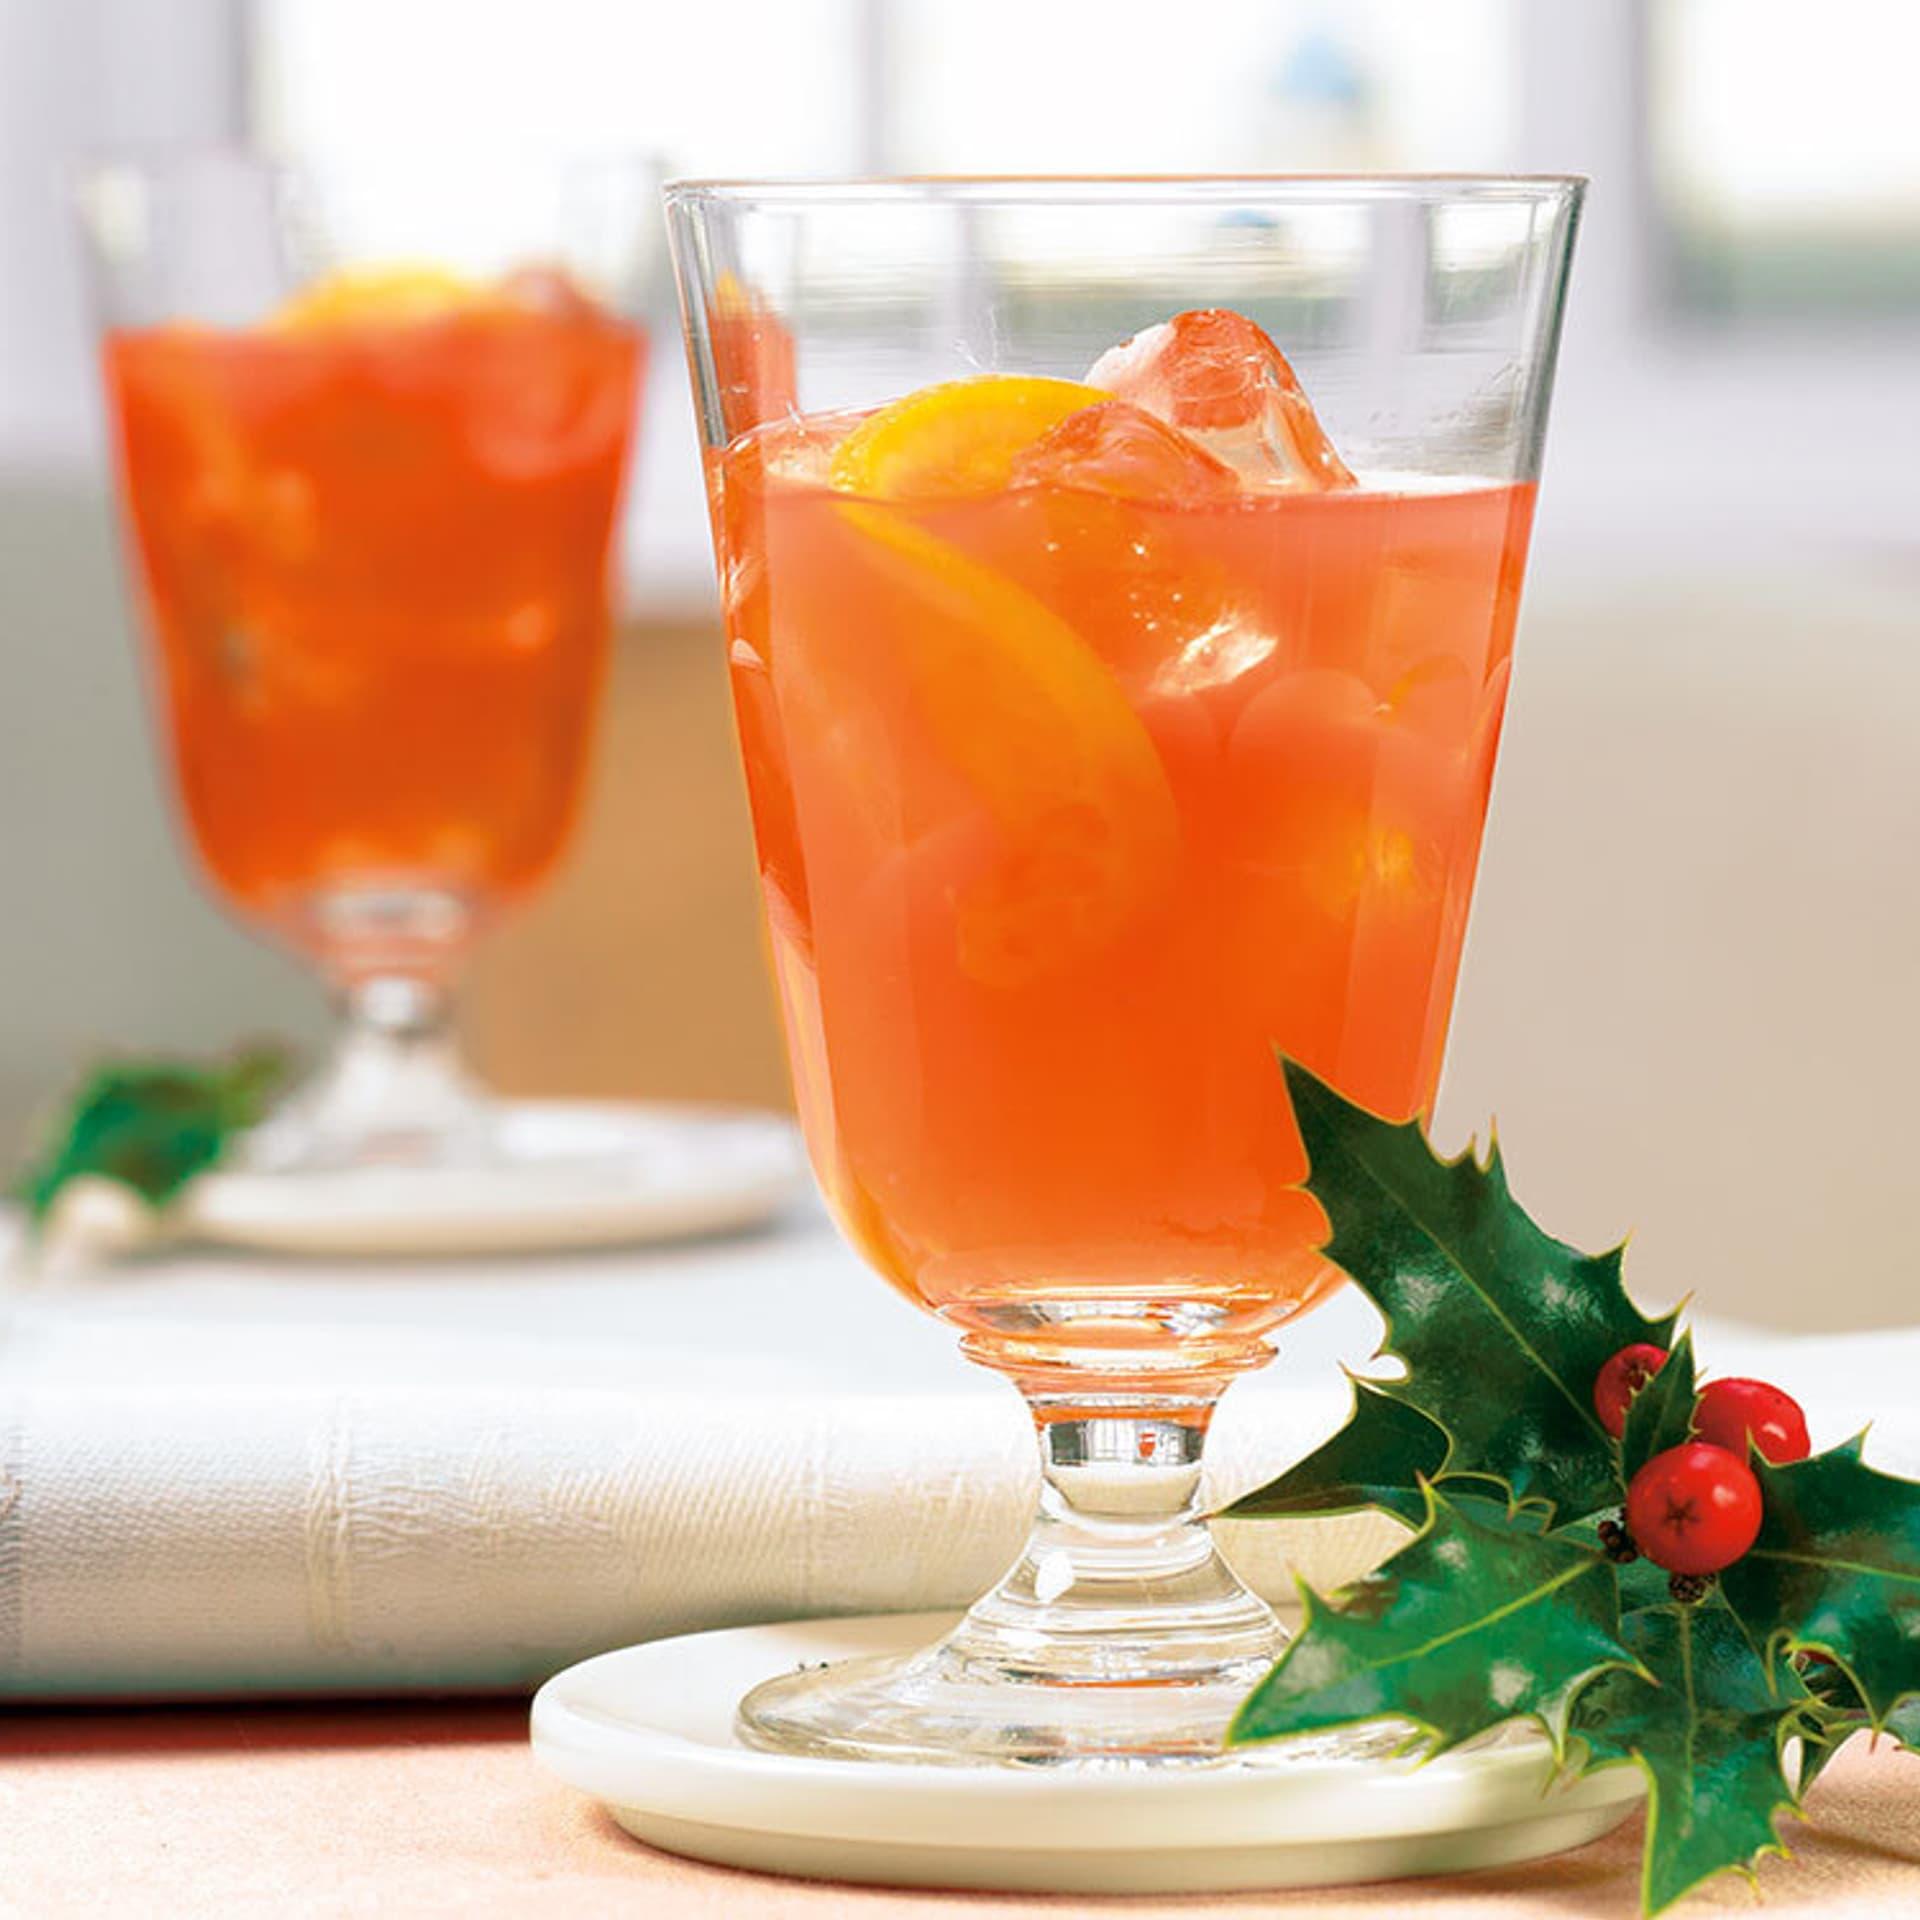 Blutorangen - Ingwer-Cocktail